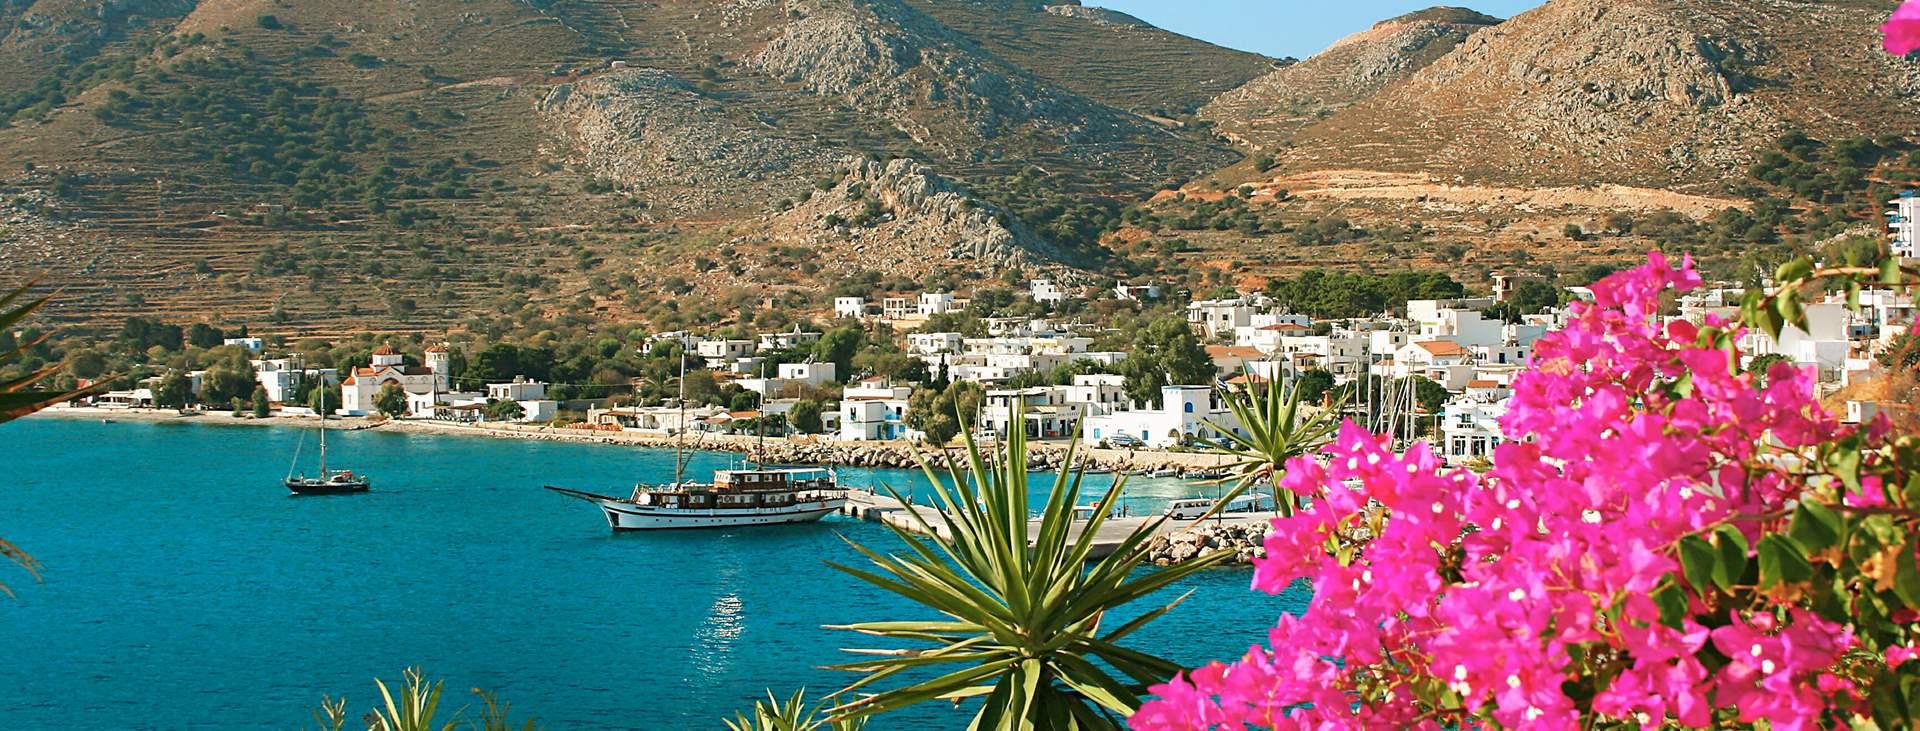 Boka din resa till Tilos i Grekland med Ving